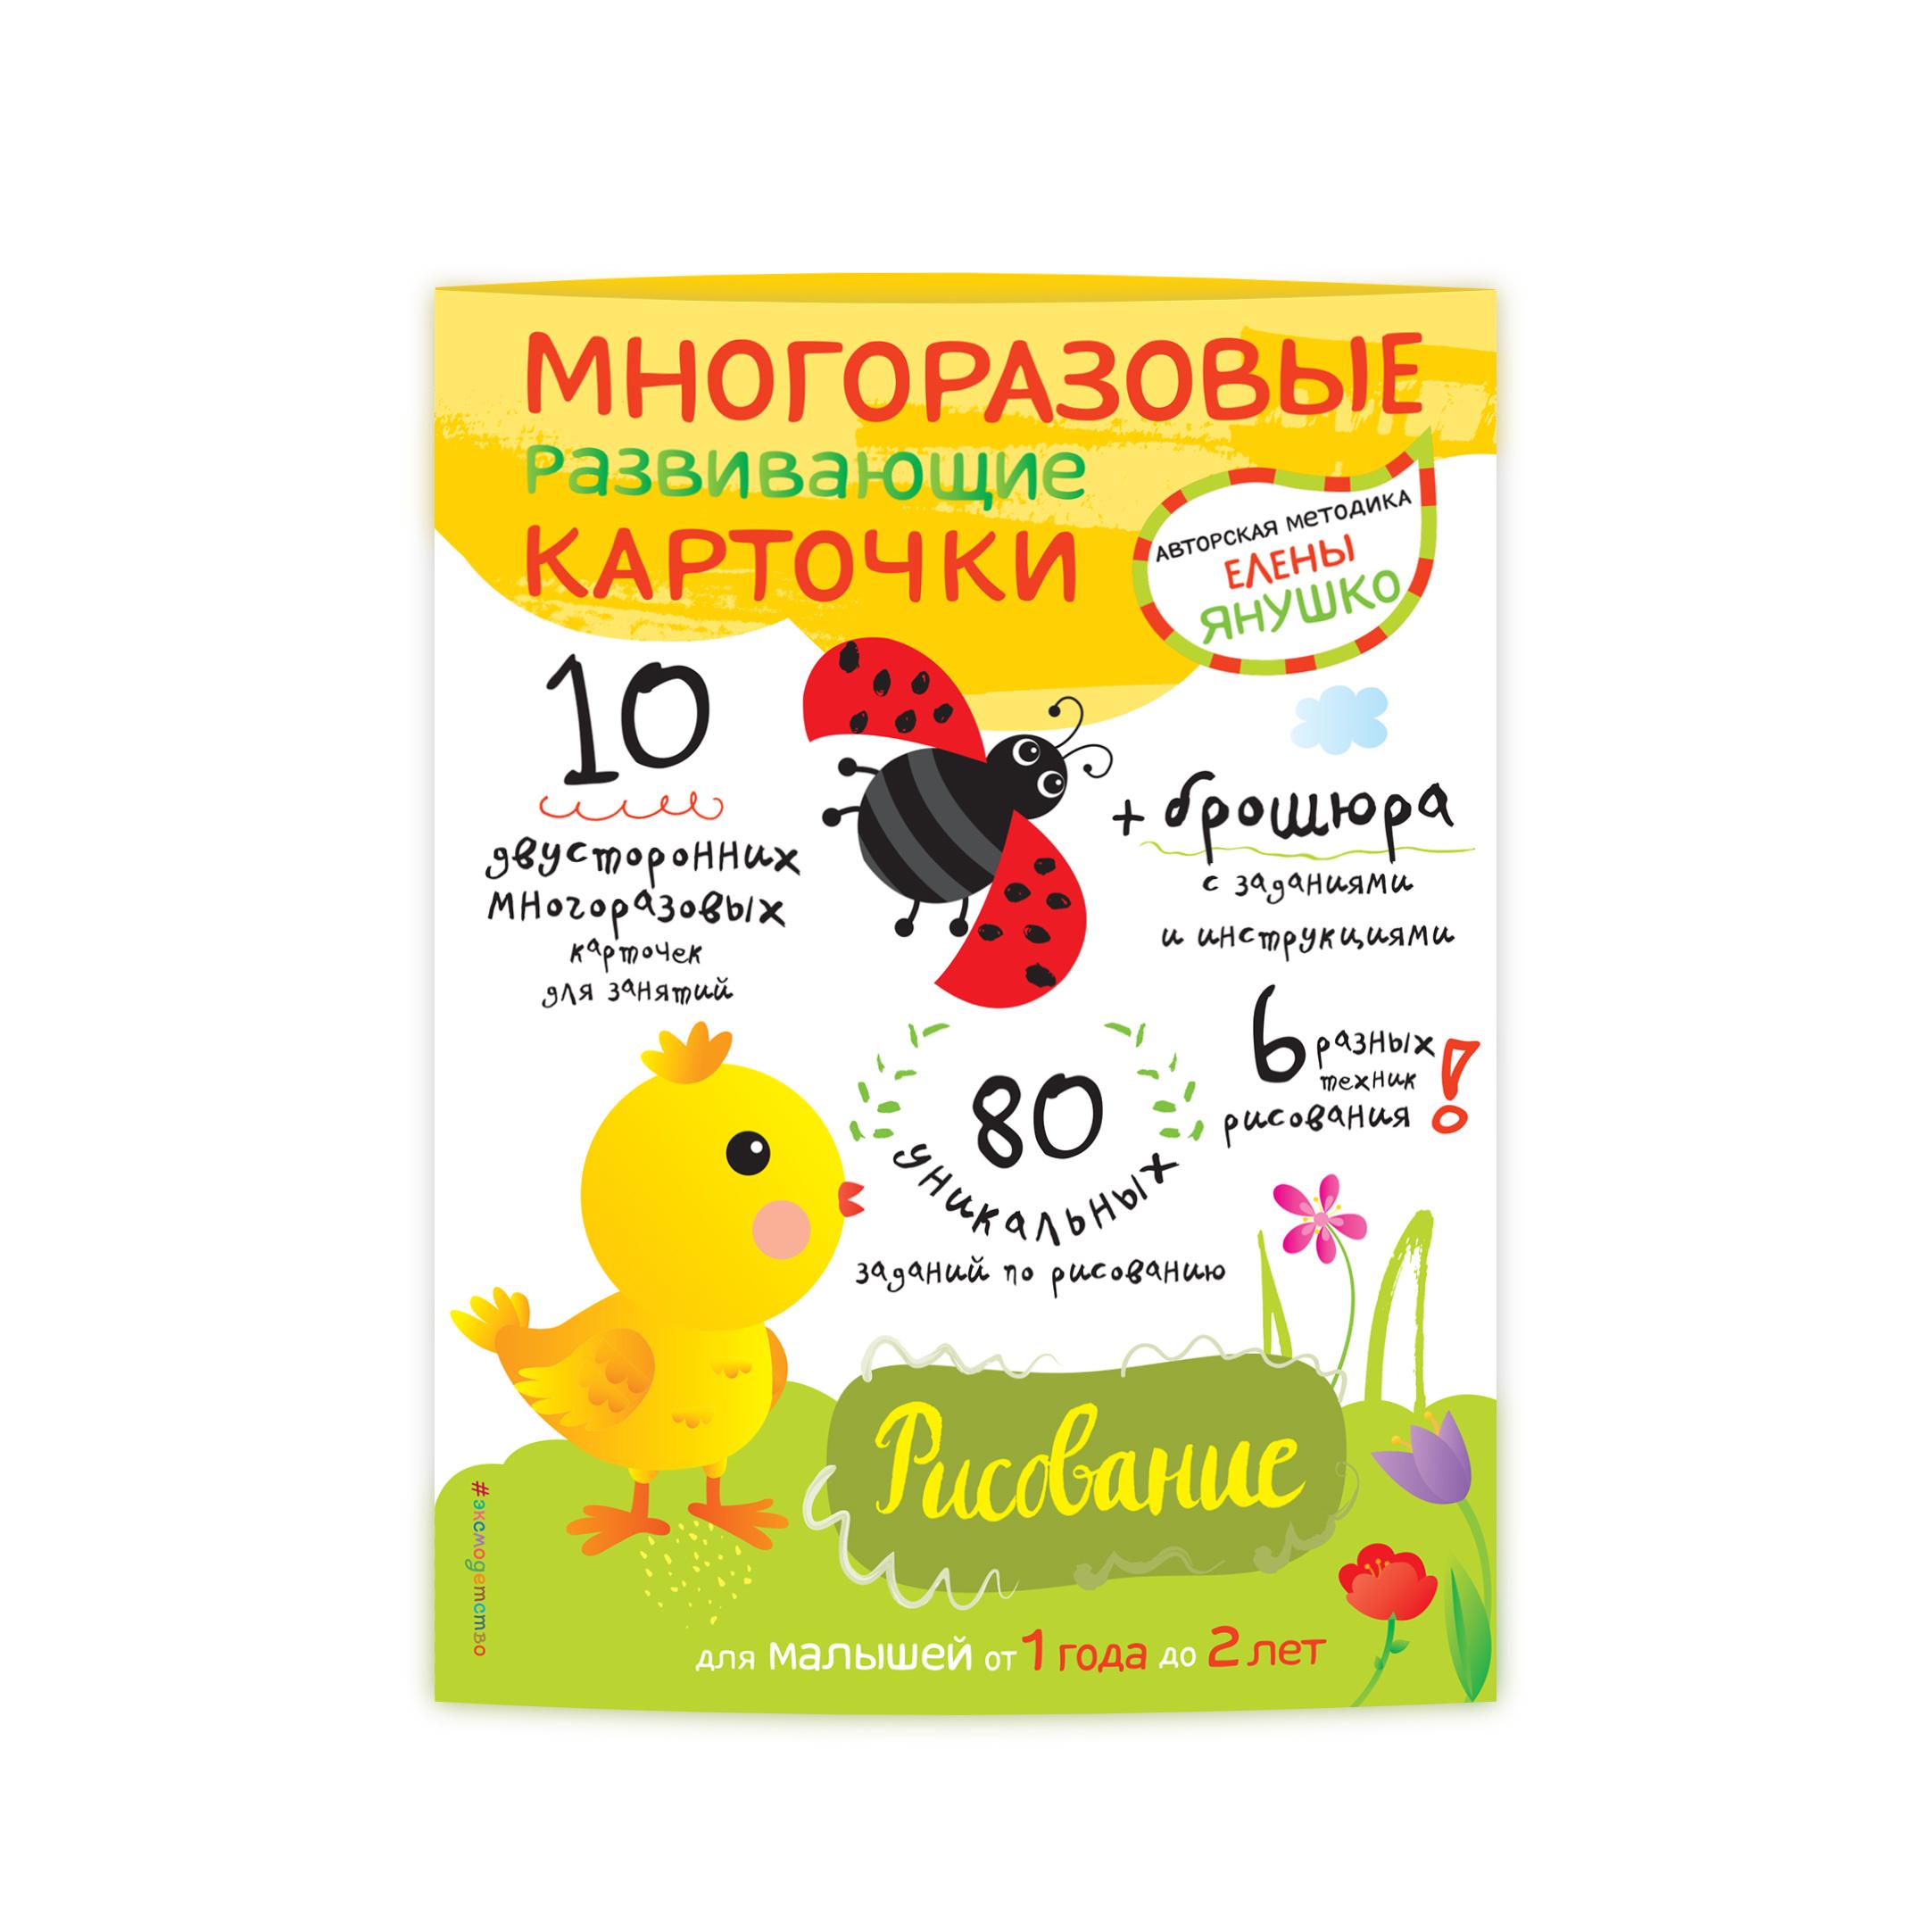 Янушко Е.А. 1+ Рисование для малышей от 1 года до 2 лет (+ многоразовые развивающие карточки) балышева е зачем пить молоко развивающие cказки для малышей от года до трех